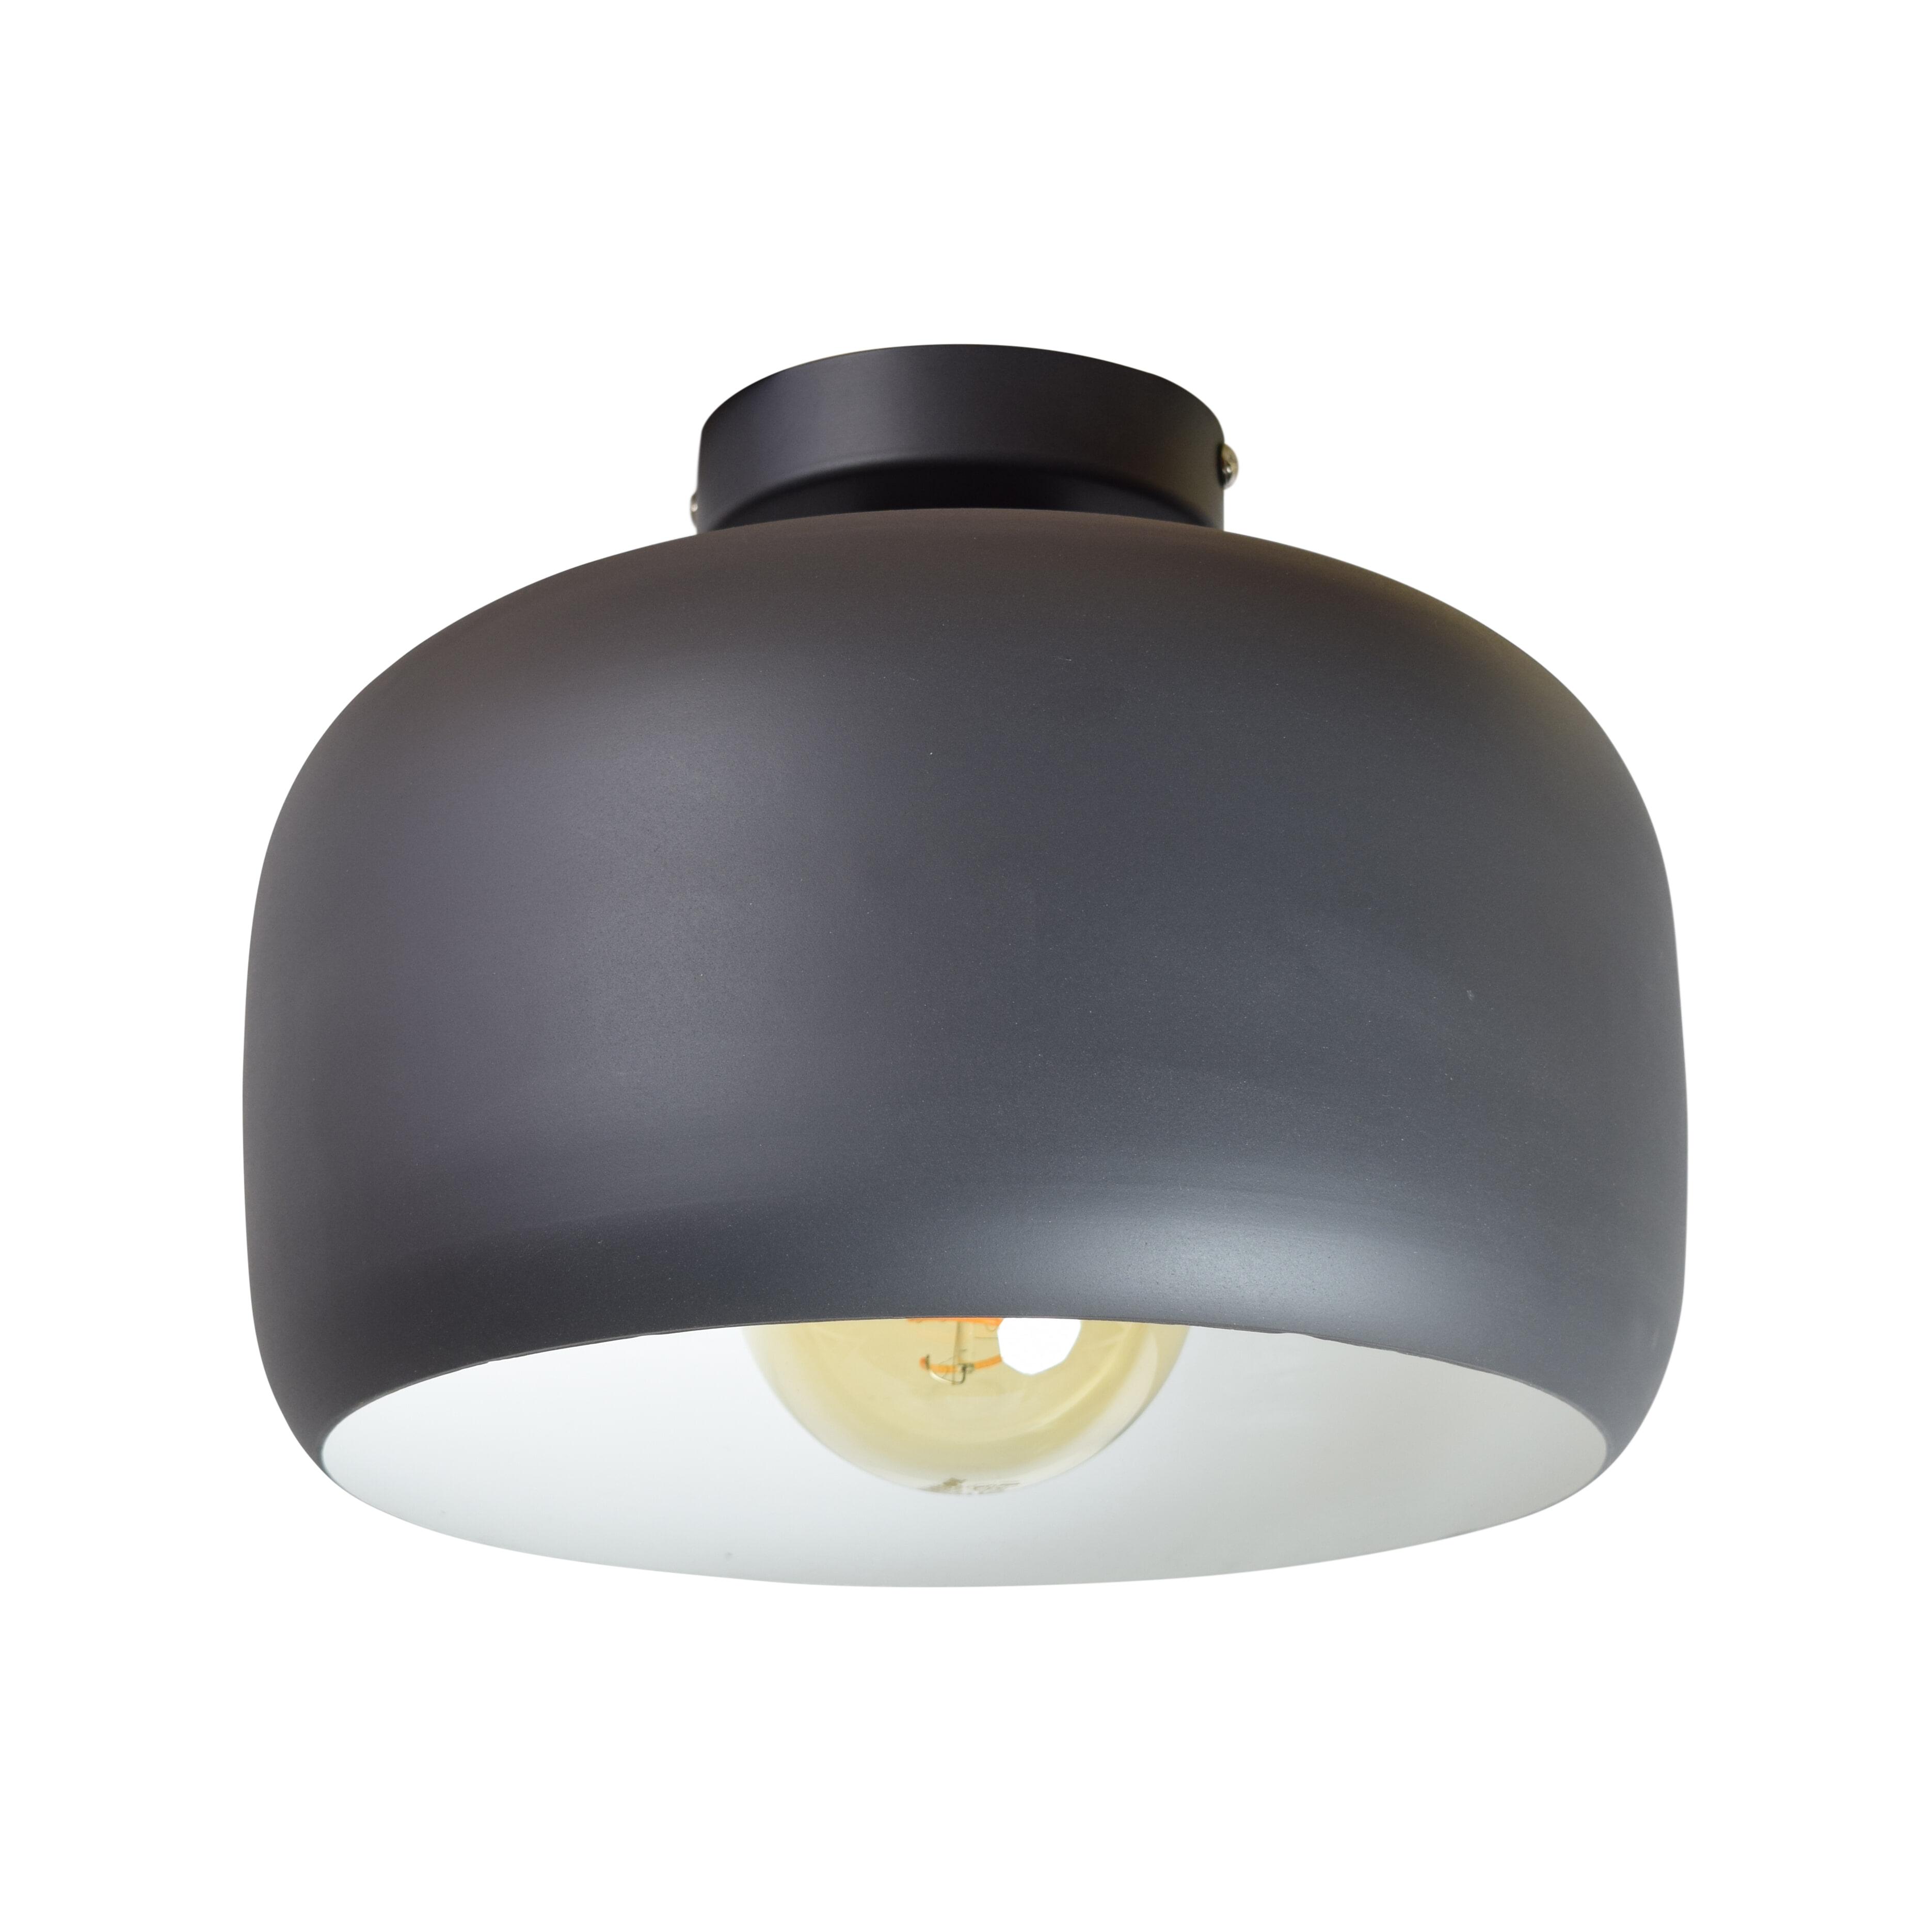 Urban Interiors plafondlamp Ivy Ø30x22, kleur Vintage Black